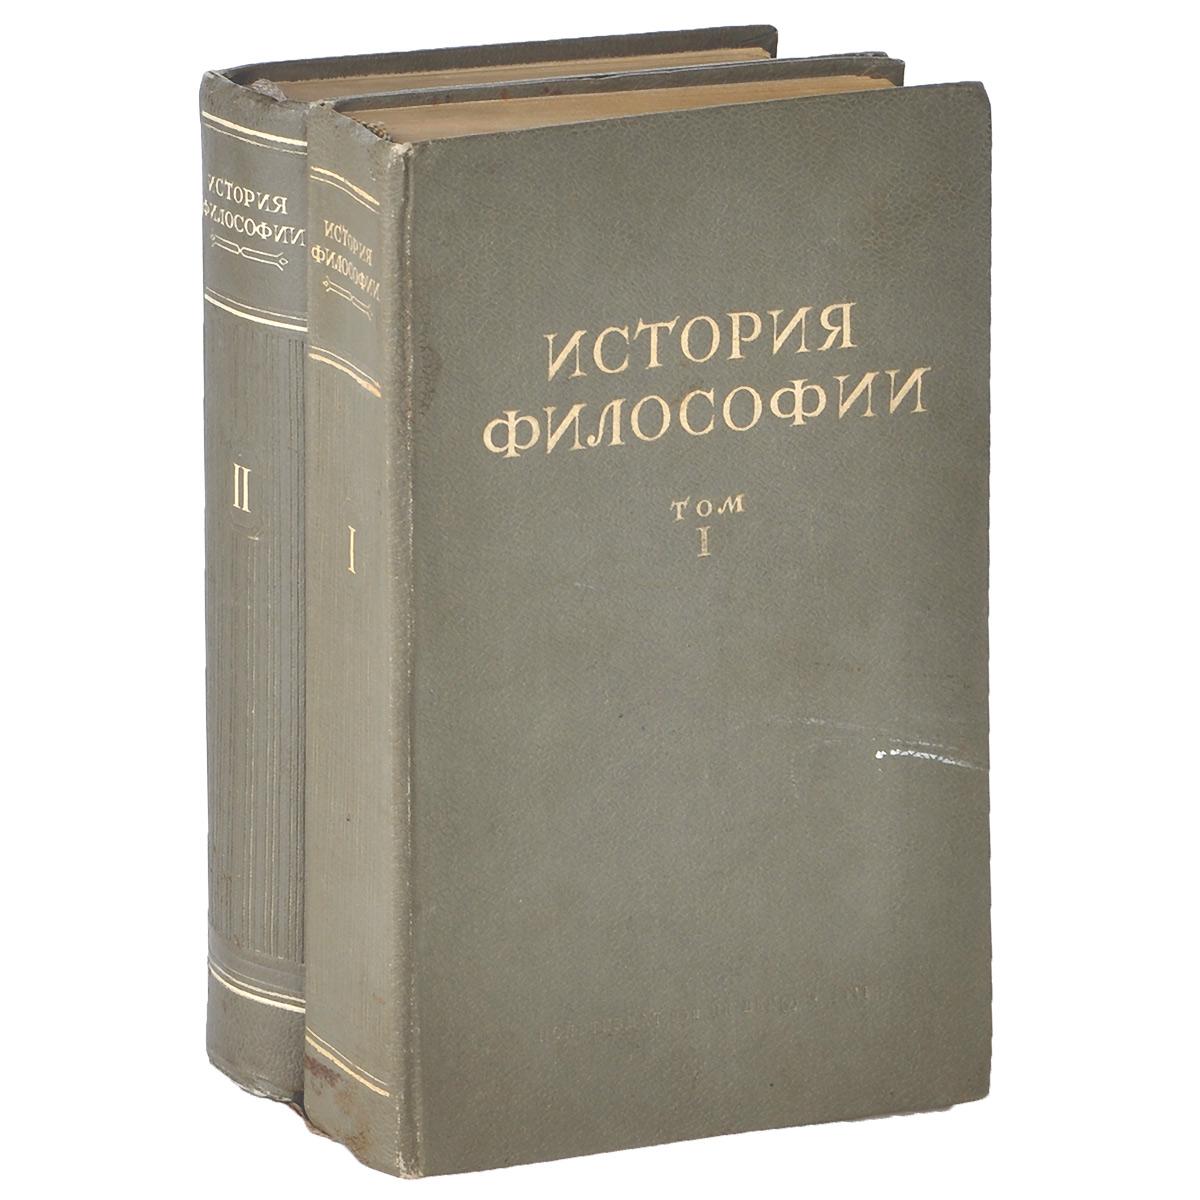 История философии (комплект из 2 книг) под редакцией м ф романовского о в врублевской б м сабанти финансы